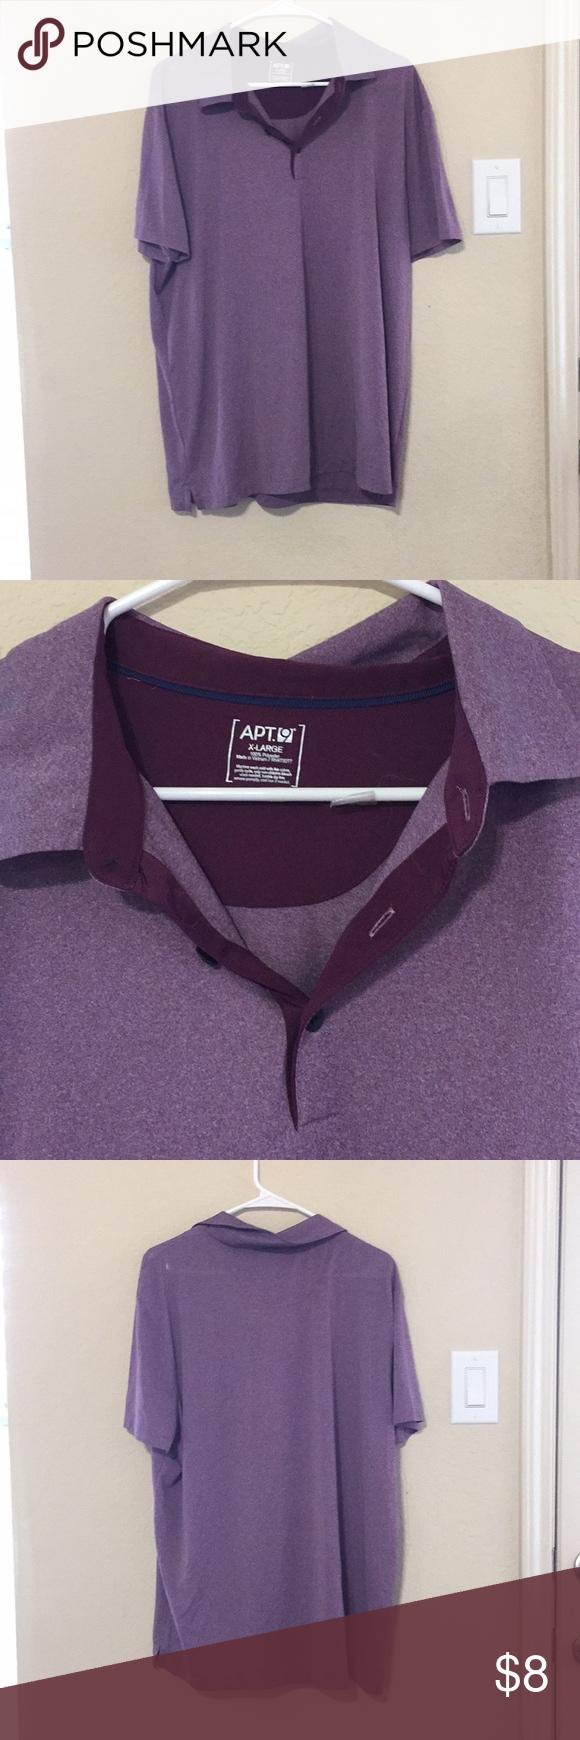 Apartment 9 polo tshirt purple ish colored shirt Apartment 9 ...